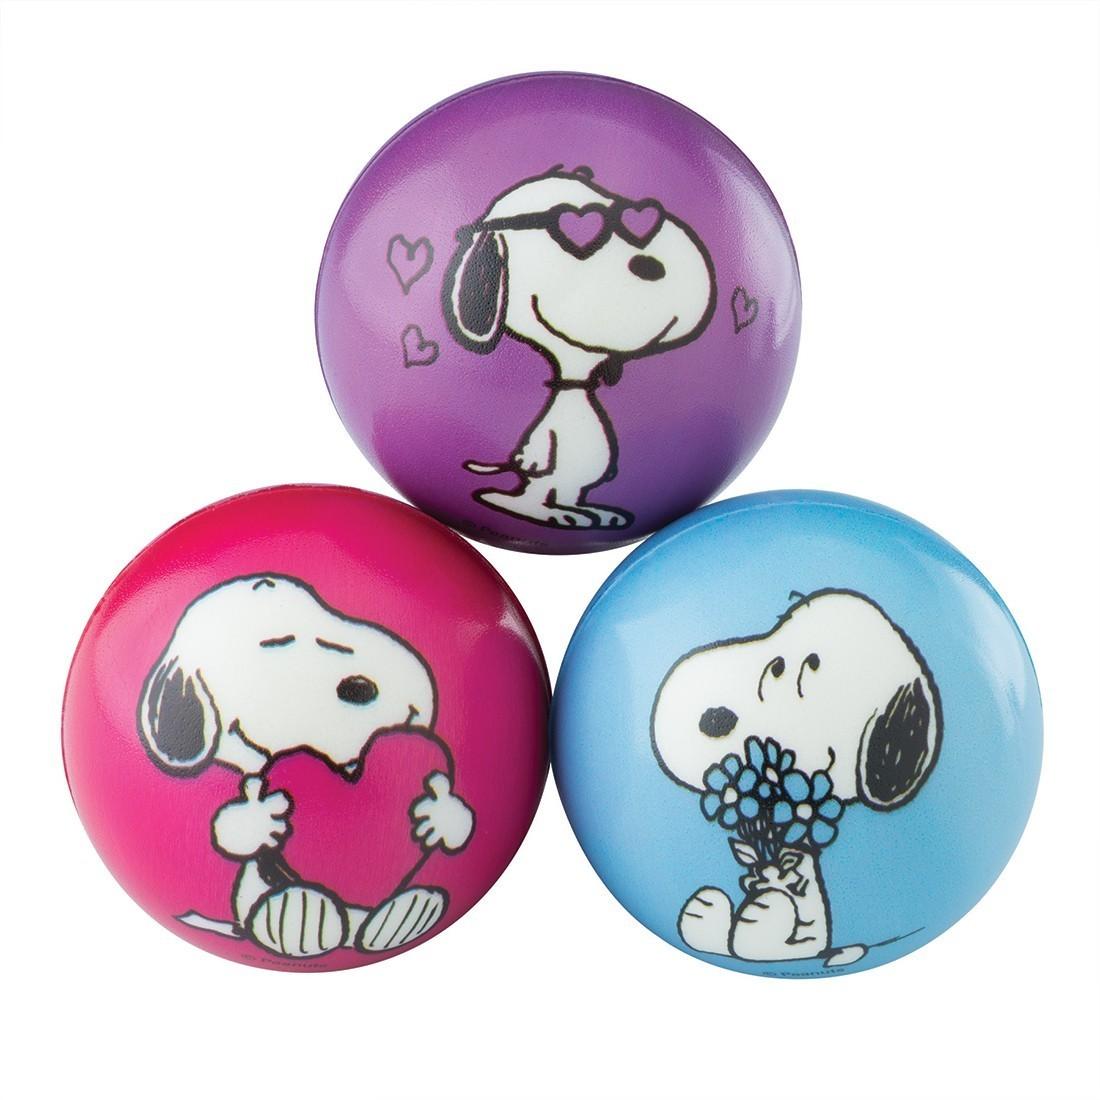 Peanuts Valentineu0027s Stress Balls. Peanuts Valentineu0027s ...